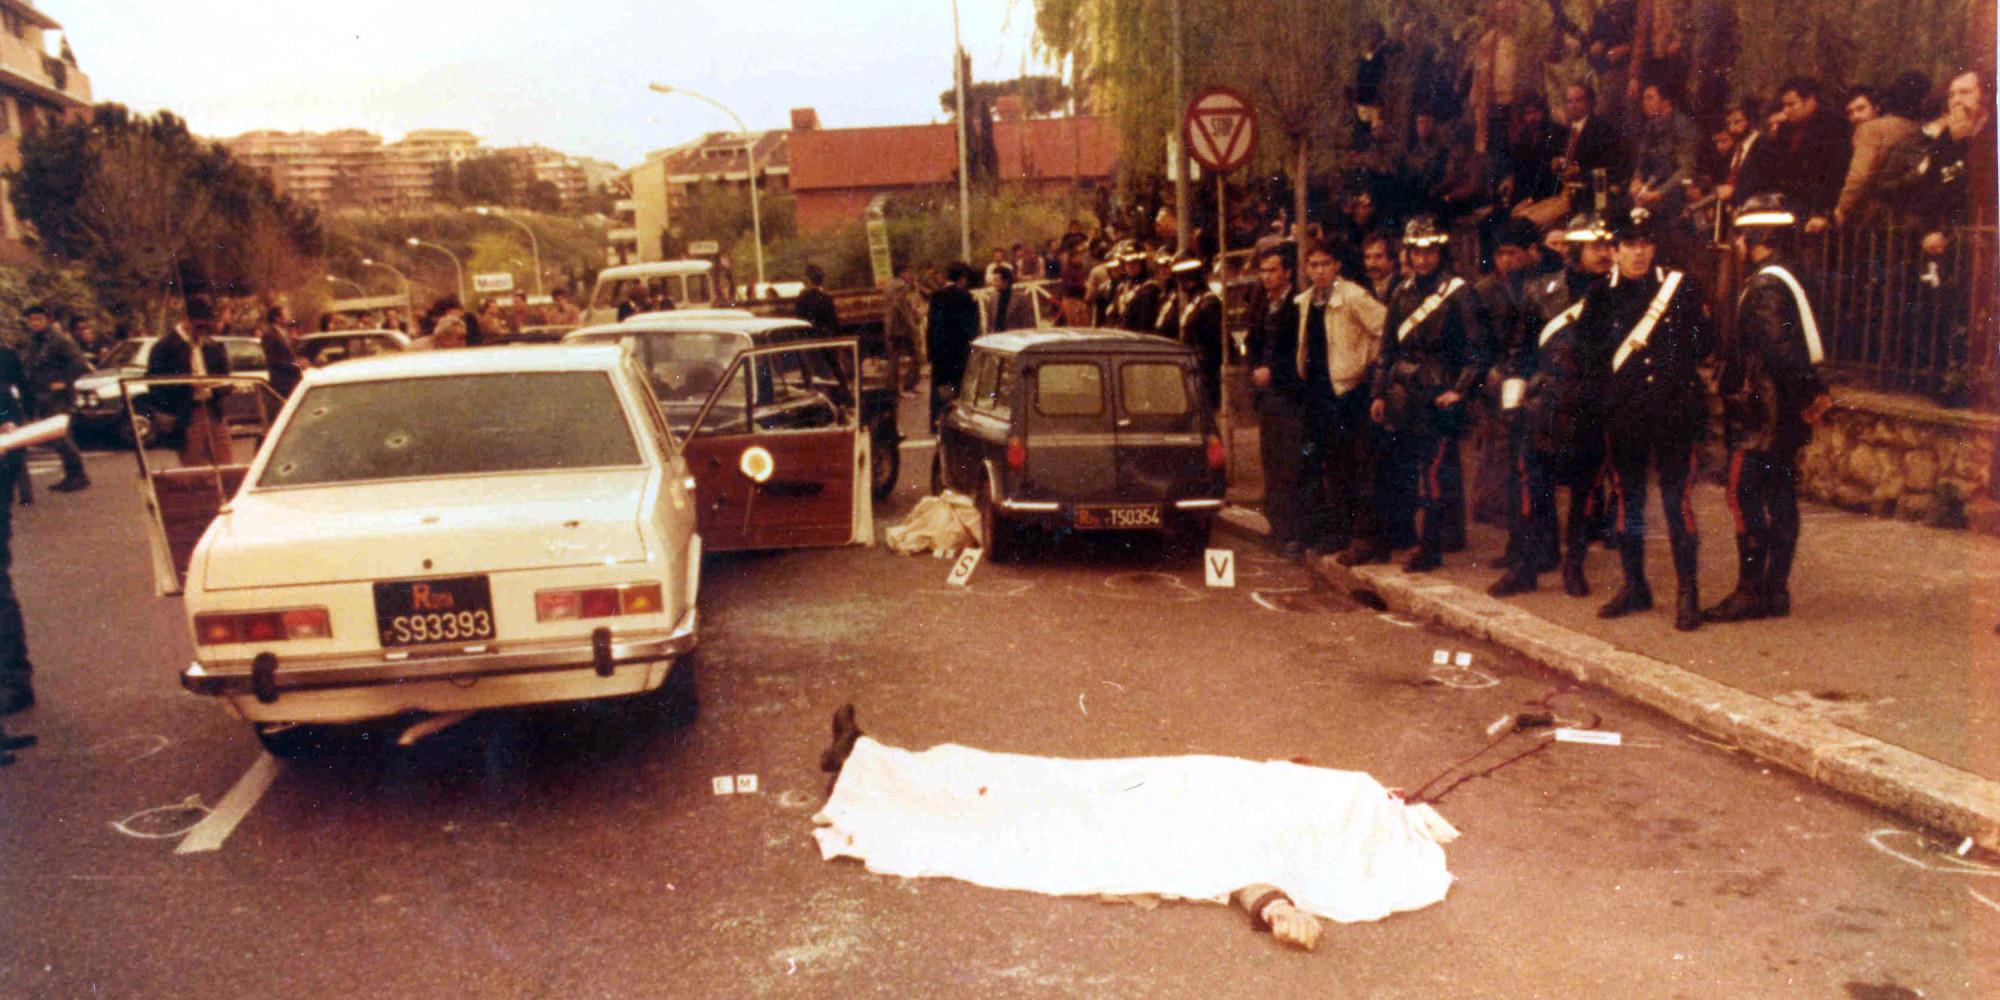 Caso Aldo Moro, un boss della 'ndrangheta presentesul luogo del sequestro: la svolta in una fotografia